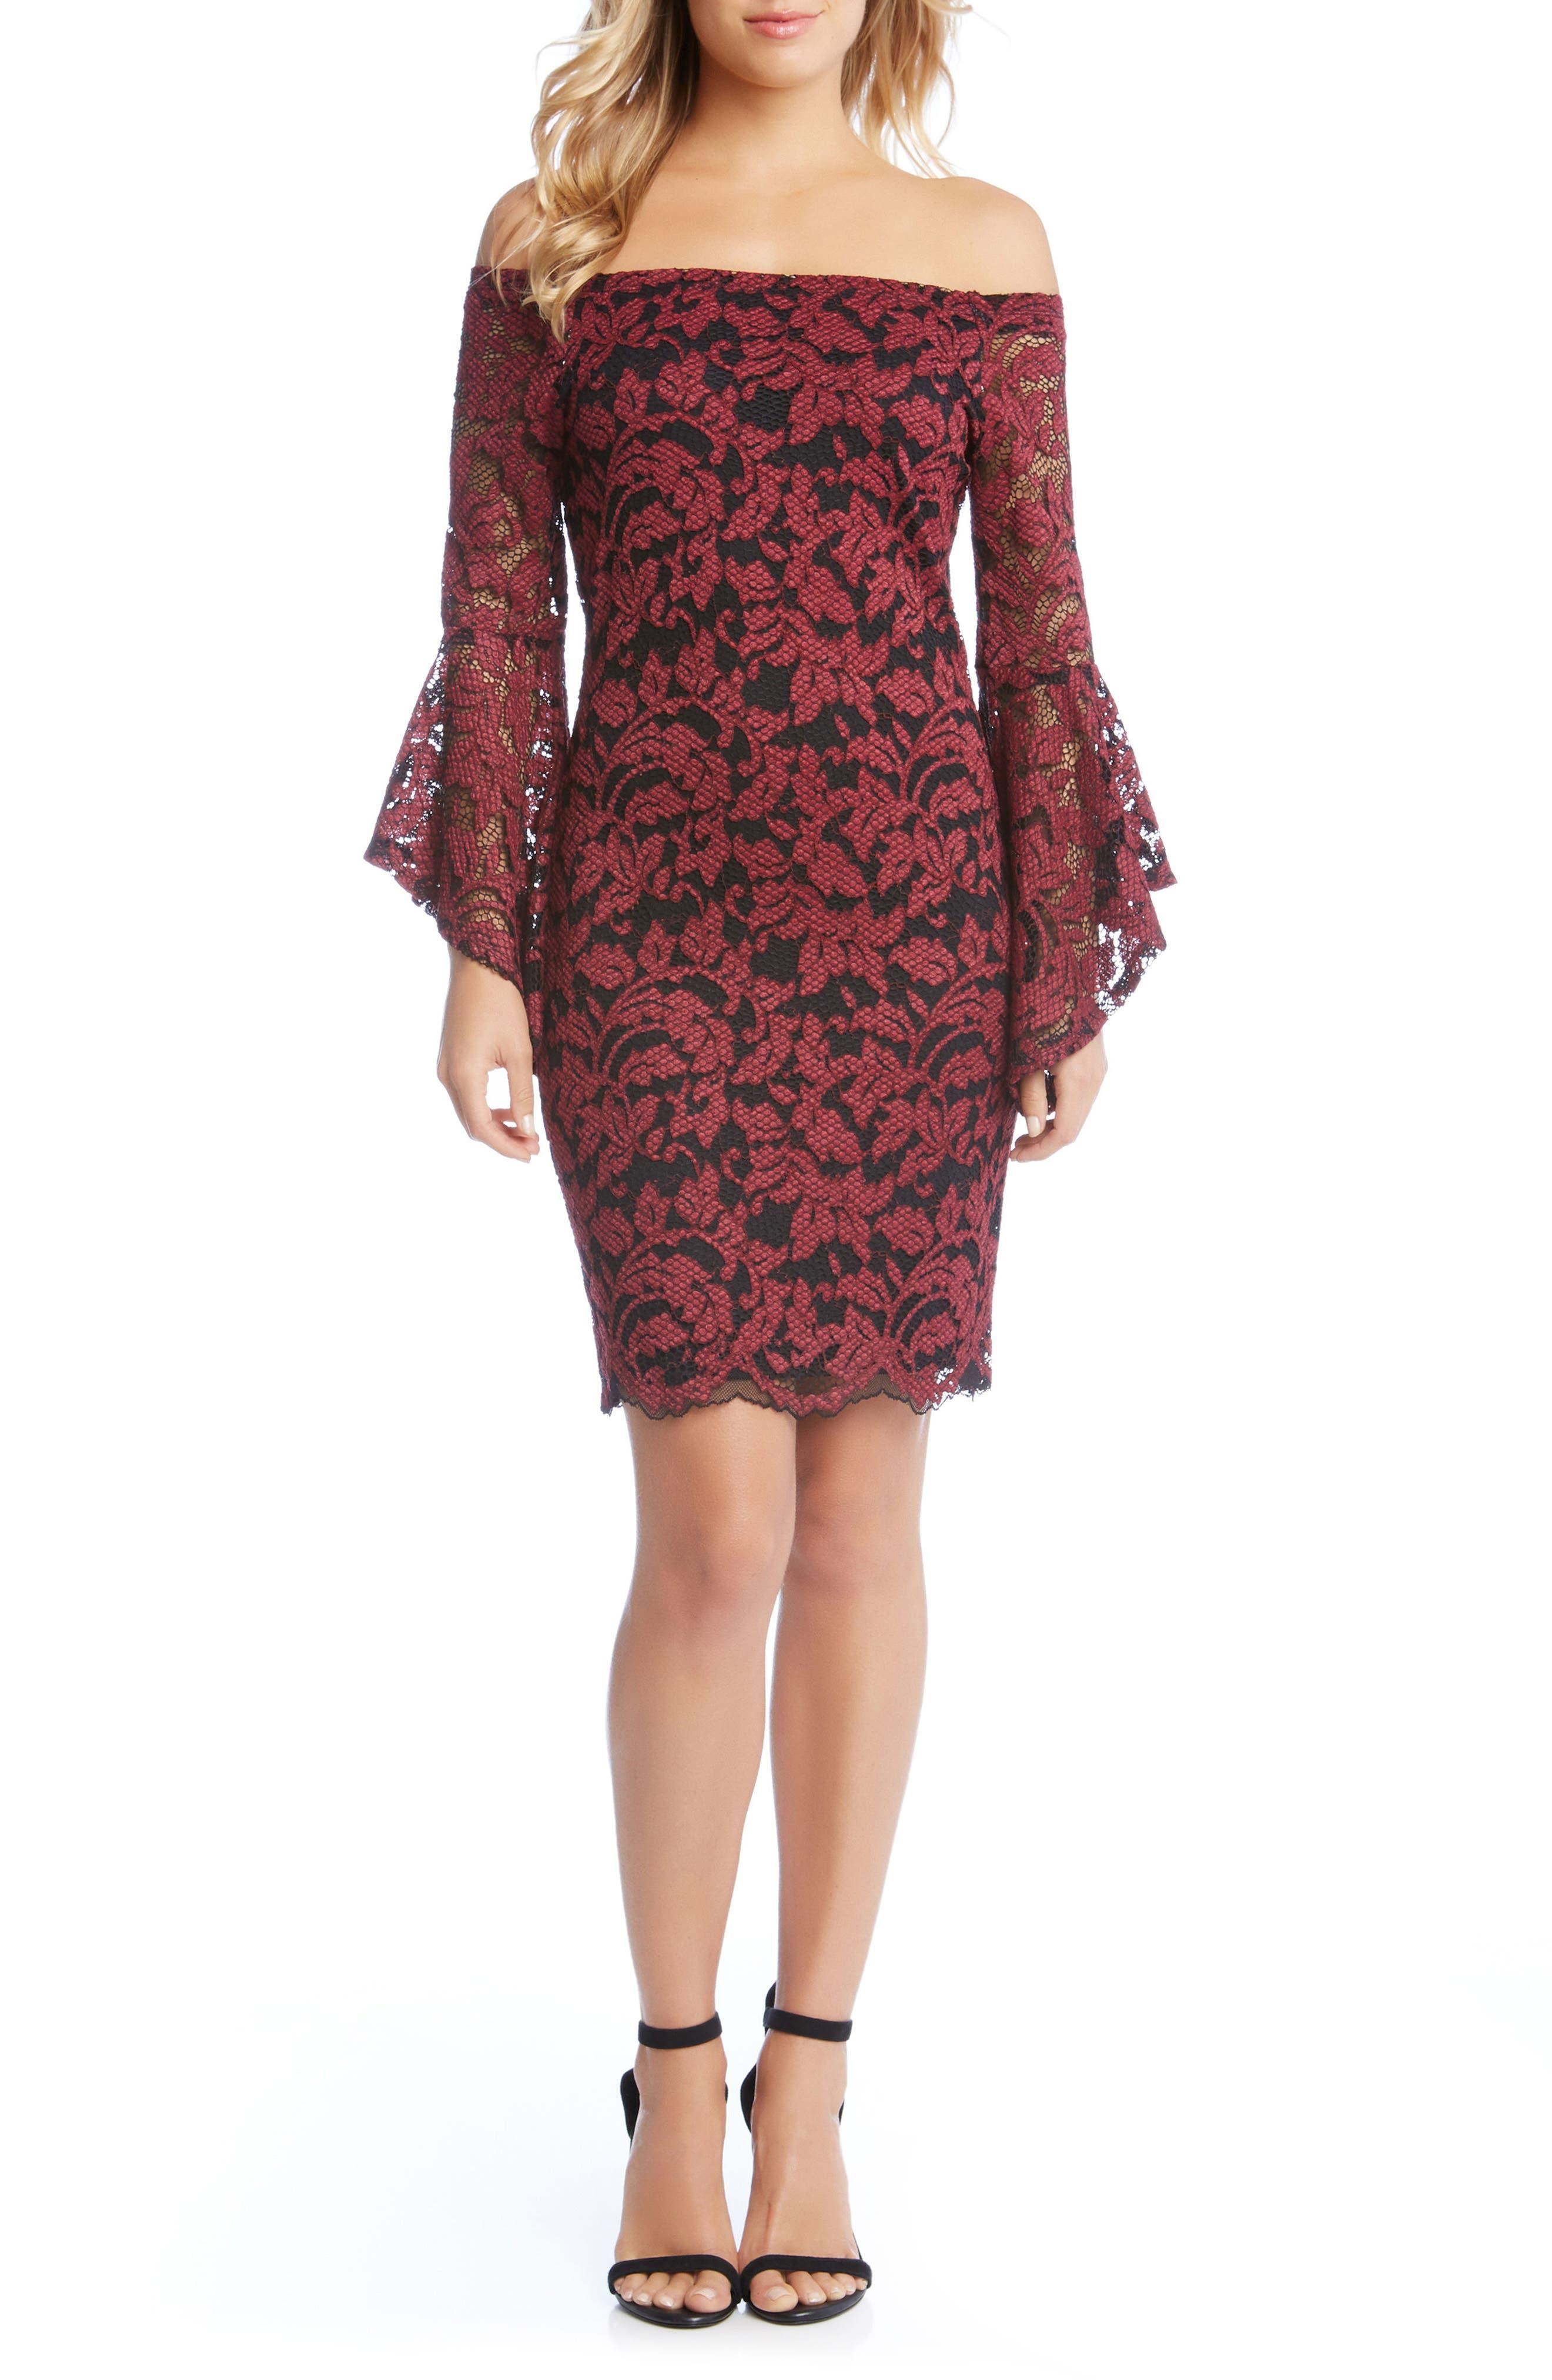 Main Image - Karen Kane Samantha Off the Shoulder Lace Dress